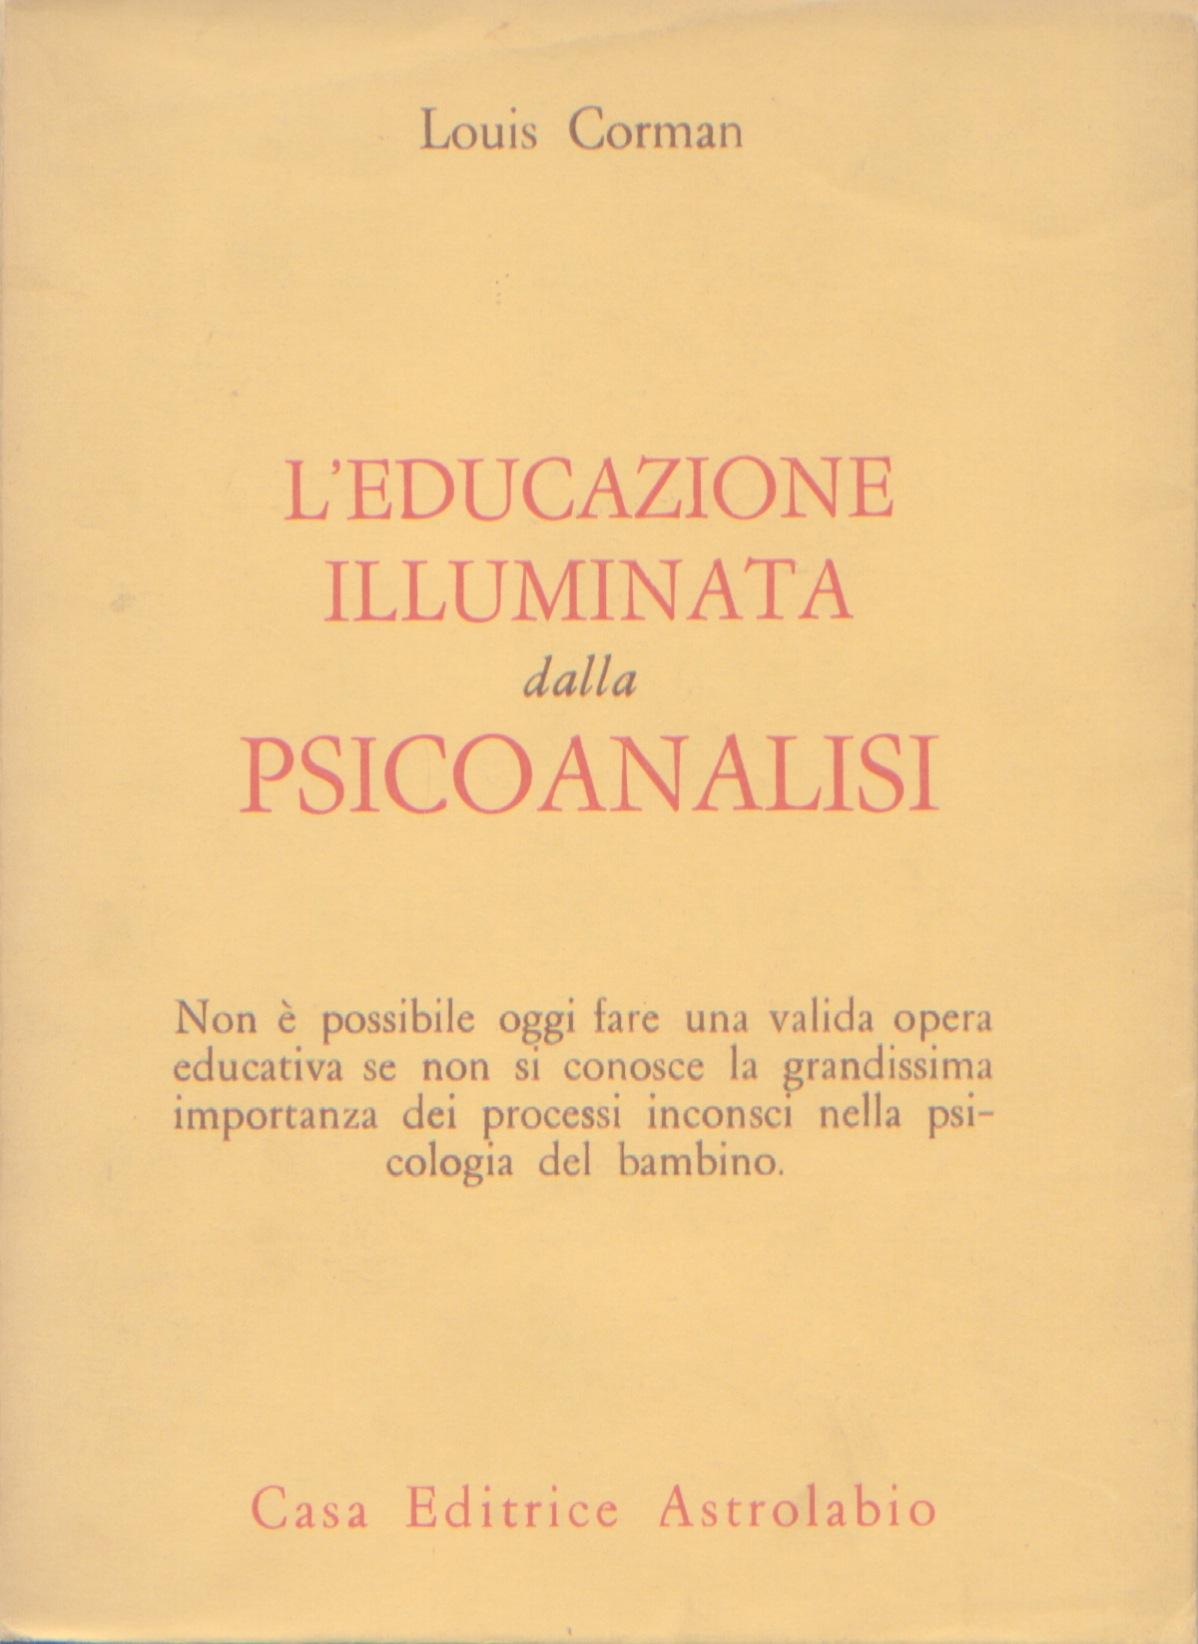 L'educazione illuminata dalla psicoanalisi